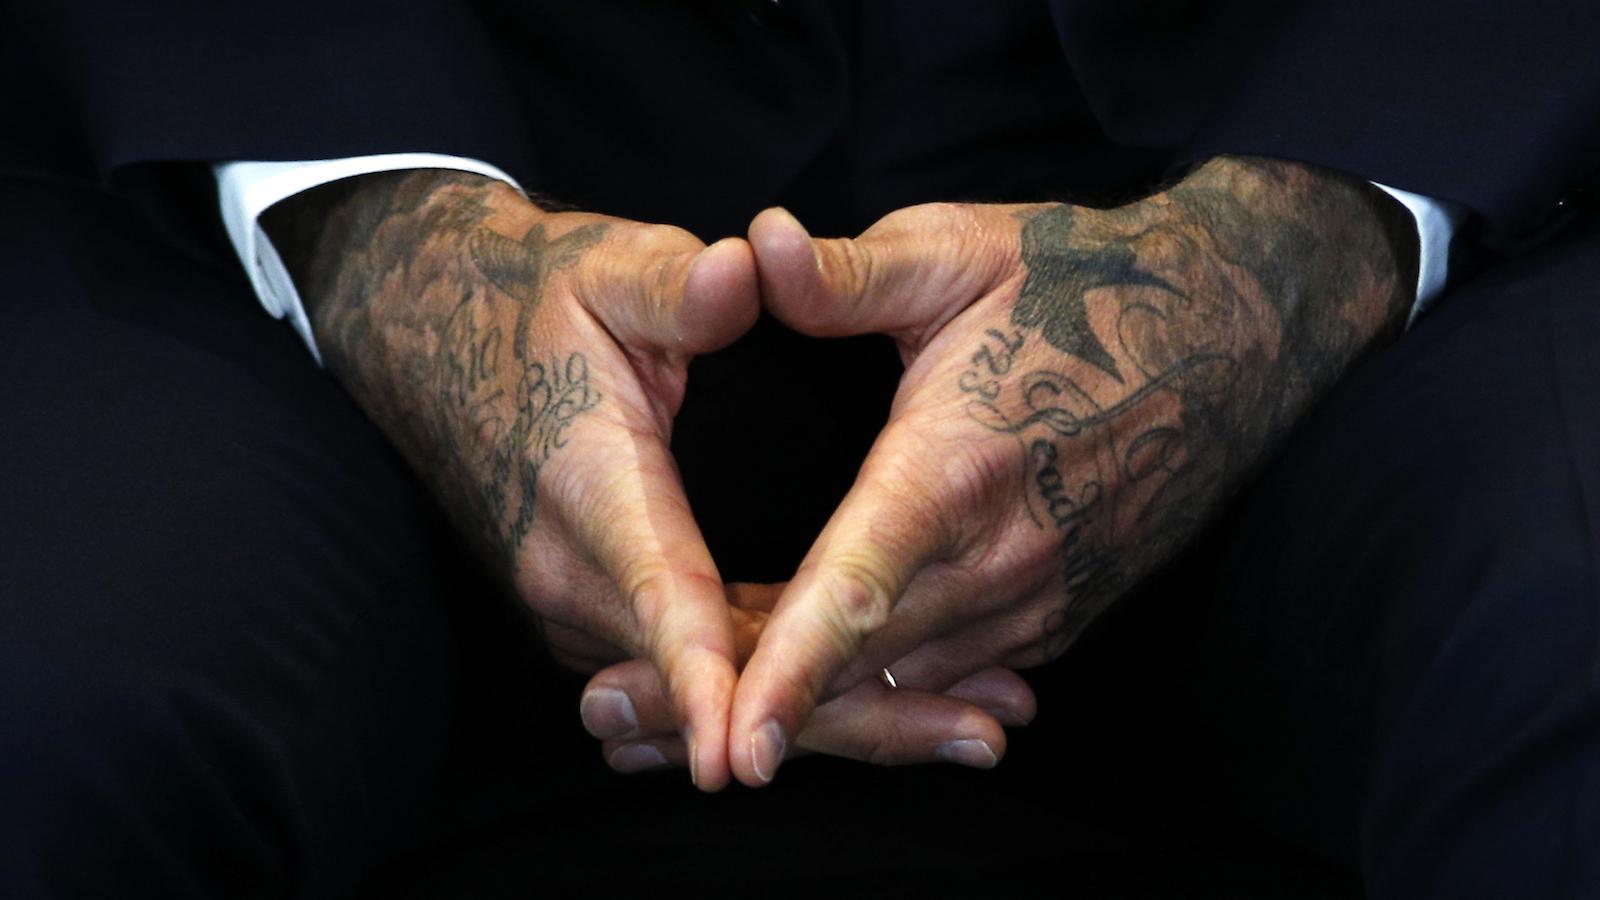 David Beckham hands